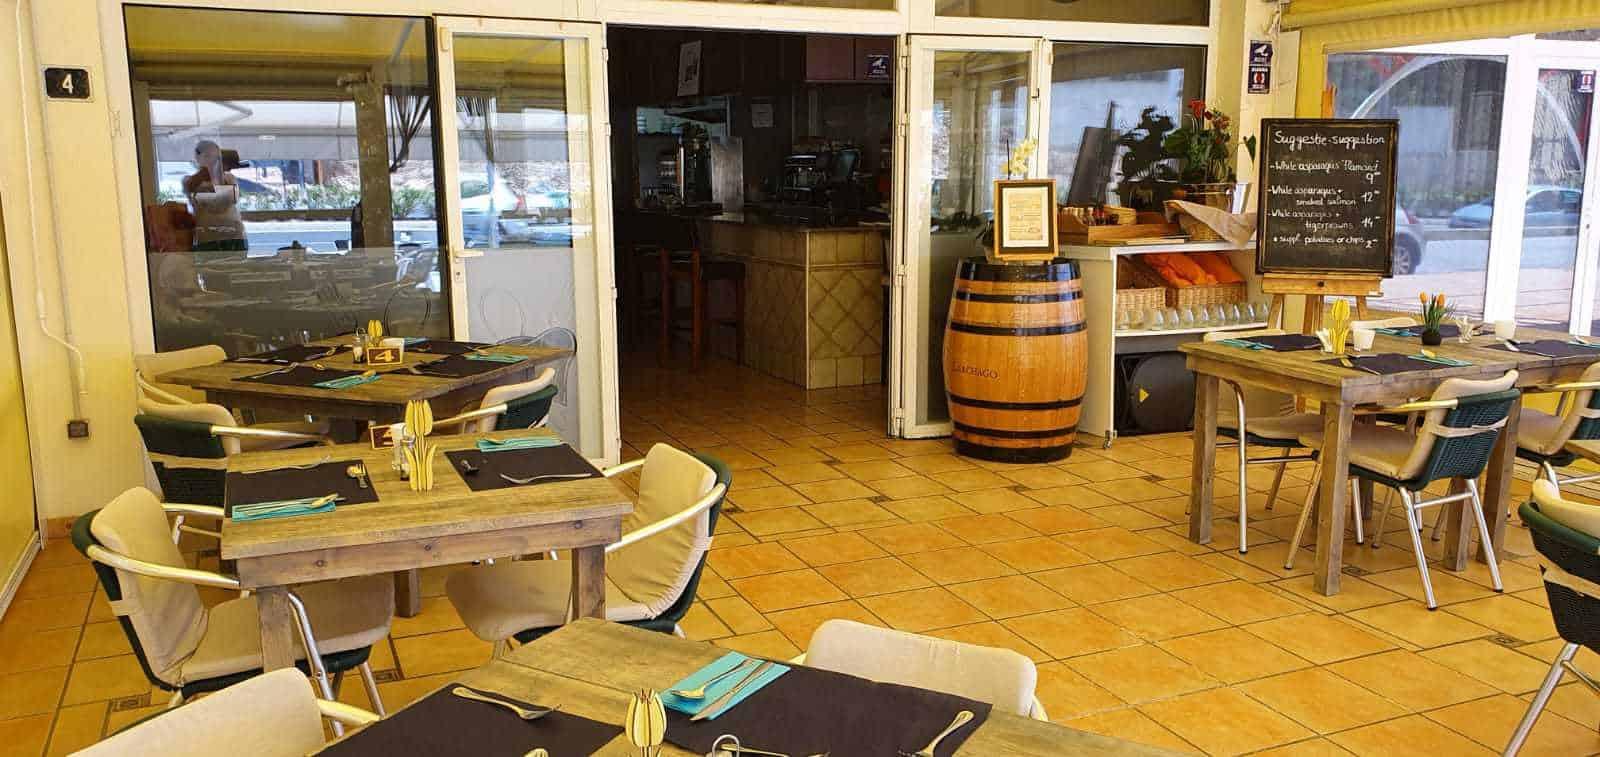 Traspaso for Sale – Bistro restaurant – La Nucia